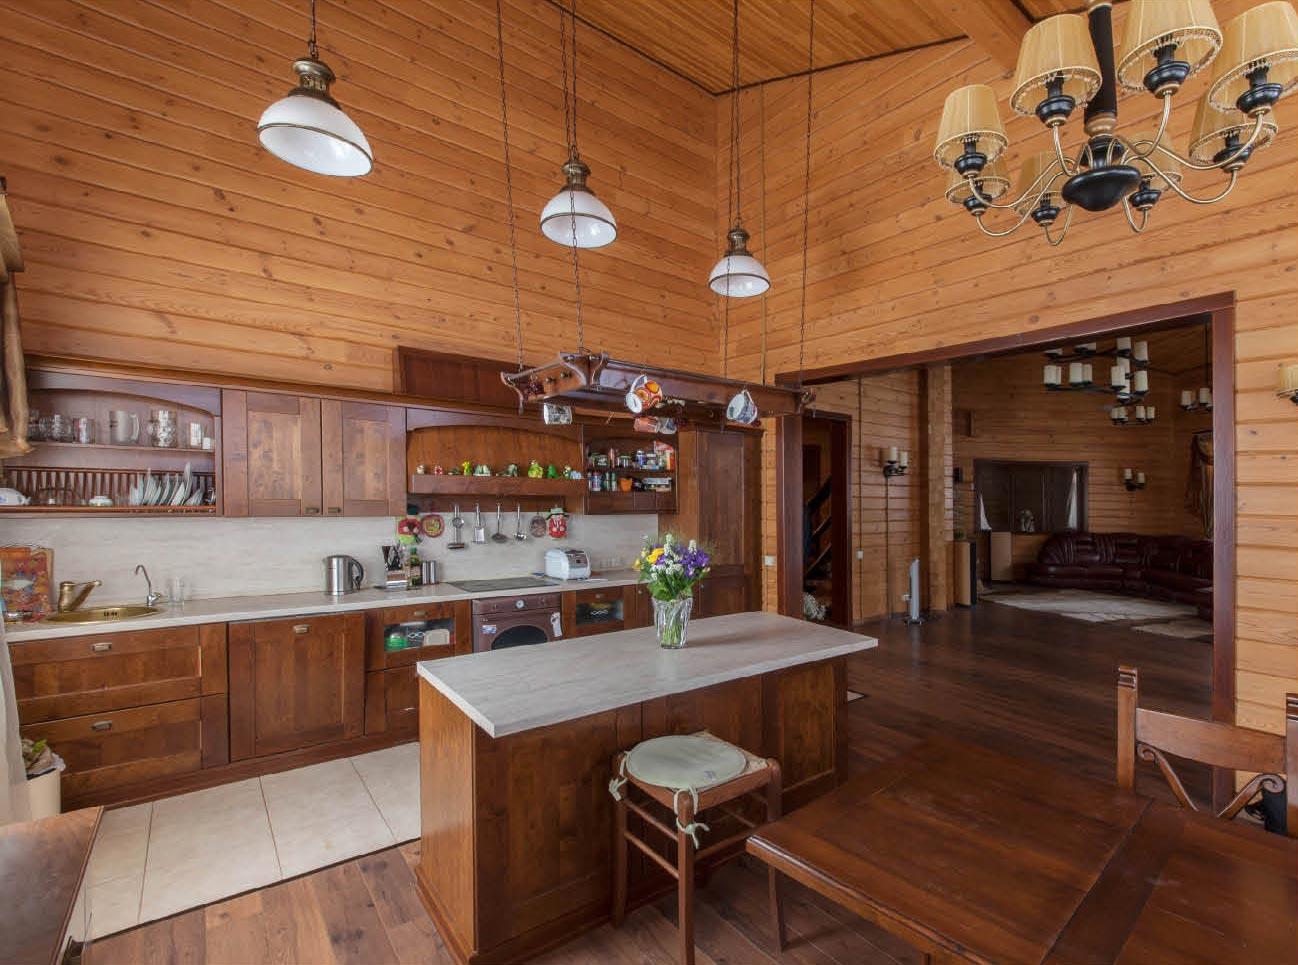 Натуральный материал для отделки кухни - деревянная вагонка